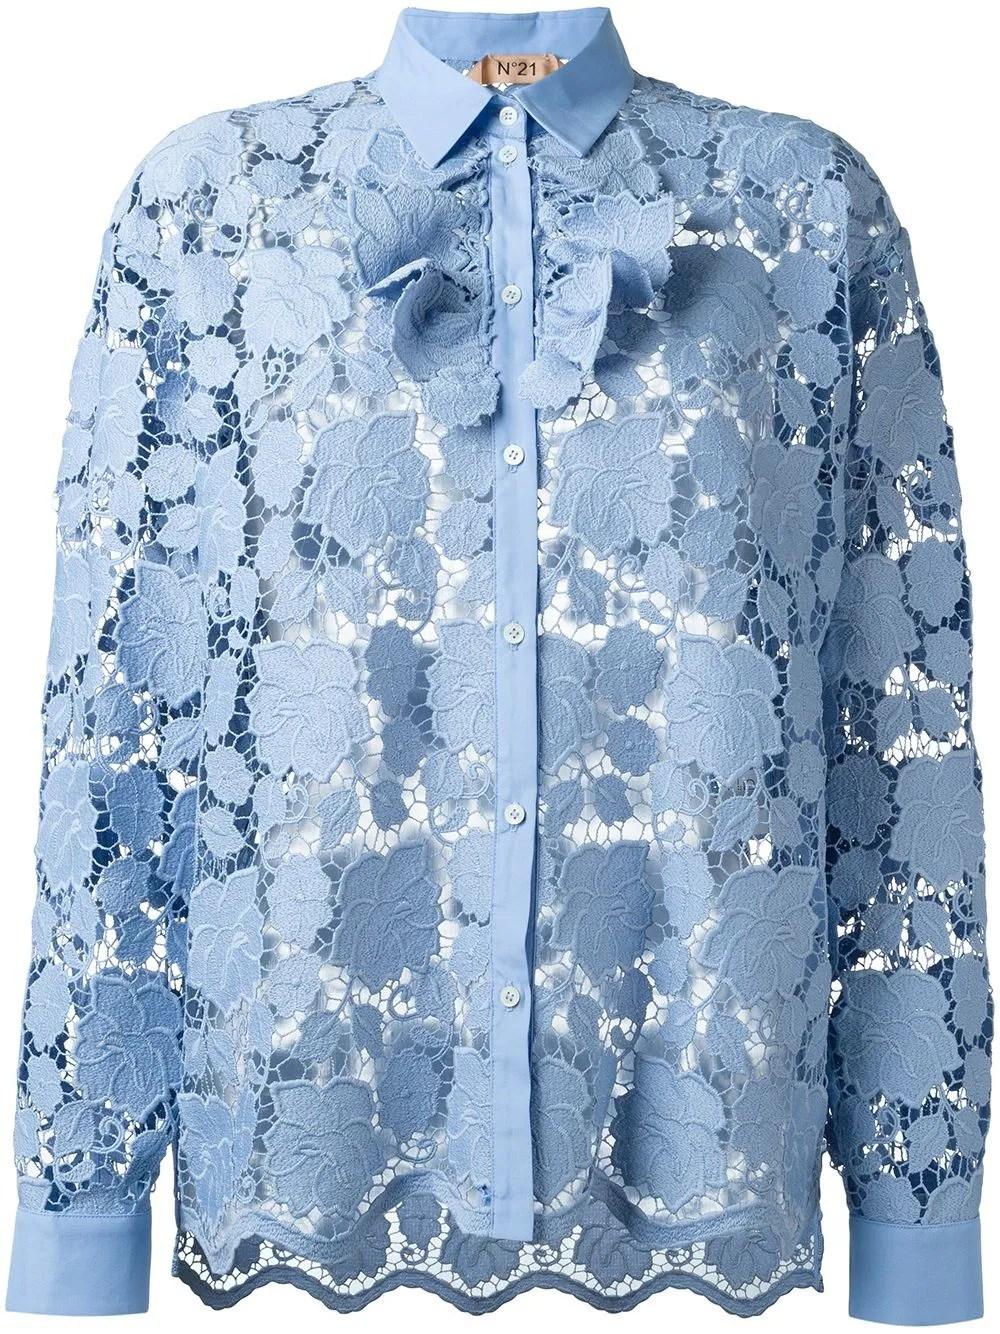 Nº21 floral lace shirt